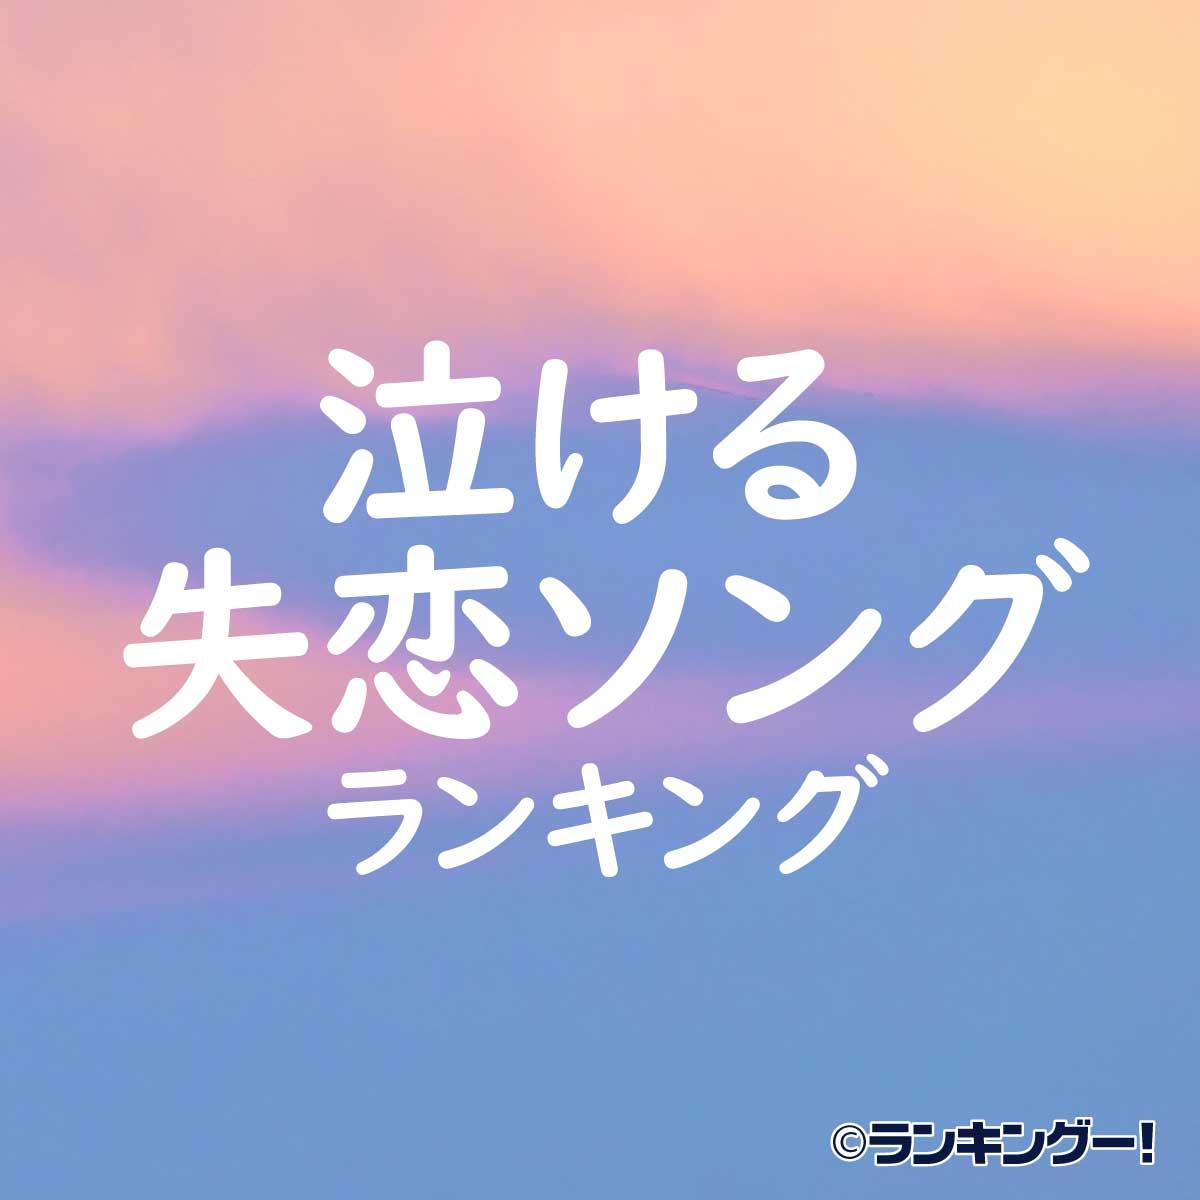 ソング 2020 恋愛